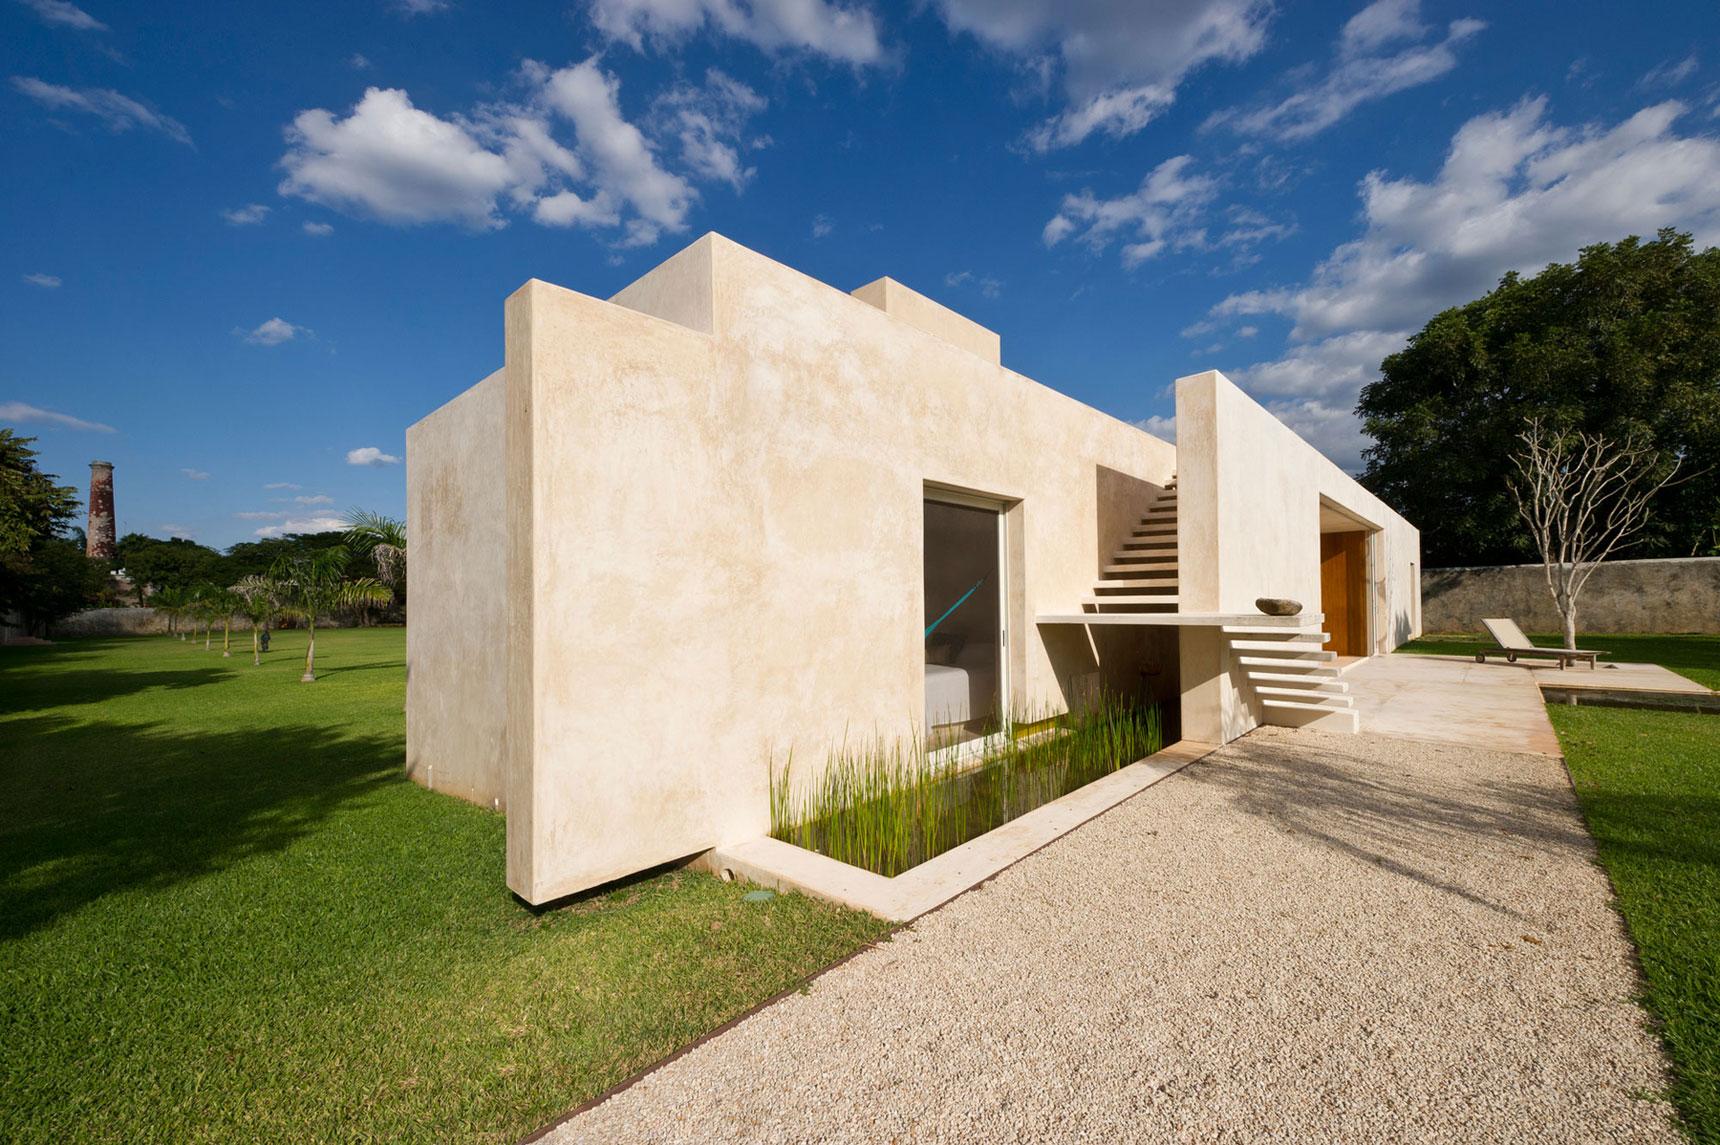 Casas lindas 26 fotos inspiradoras arquidicas for Minimalist house small